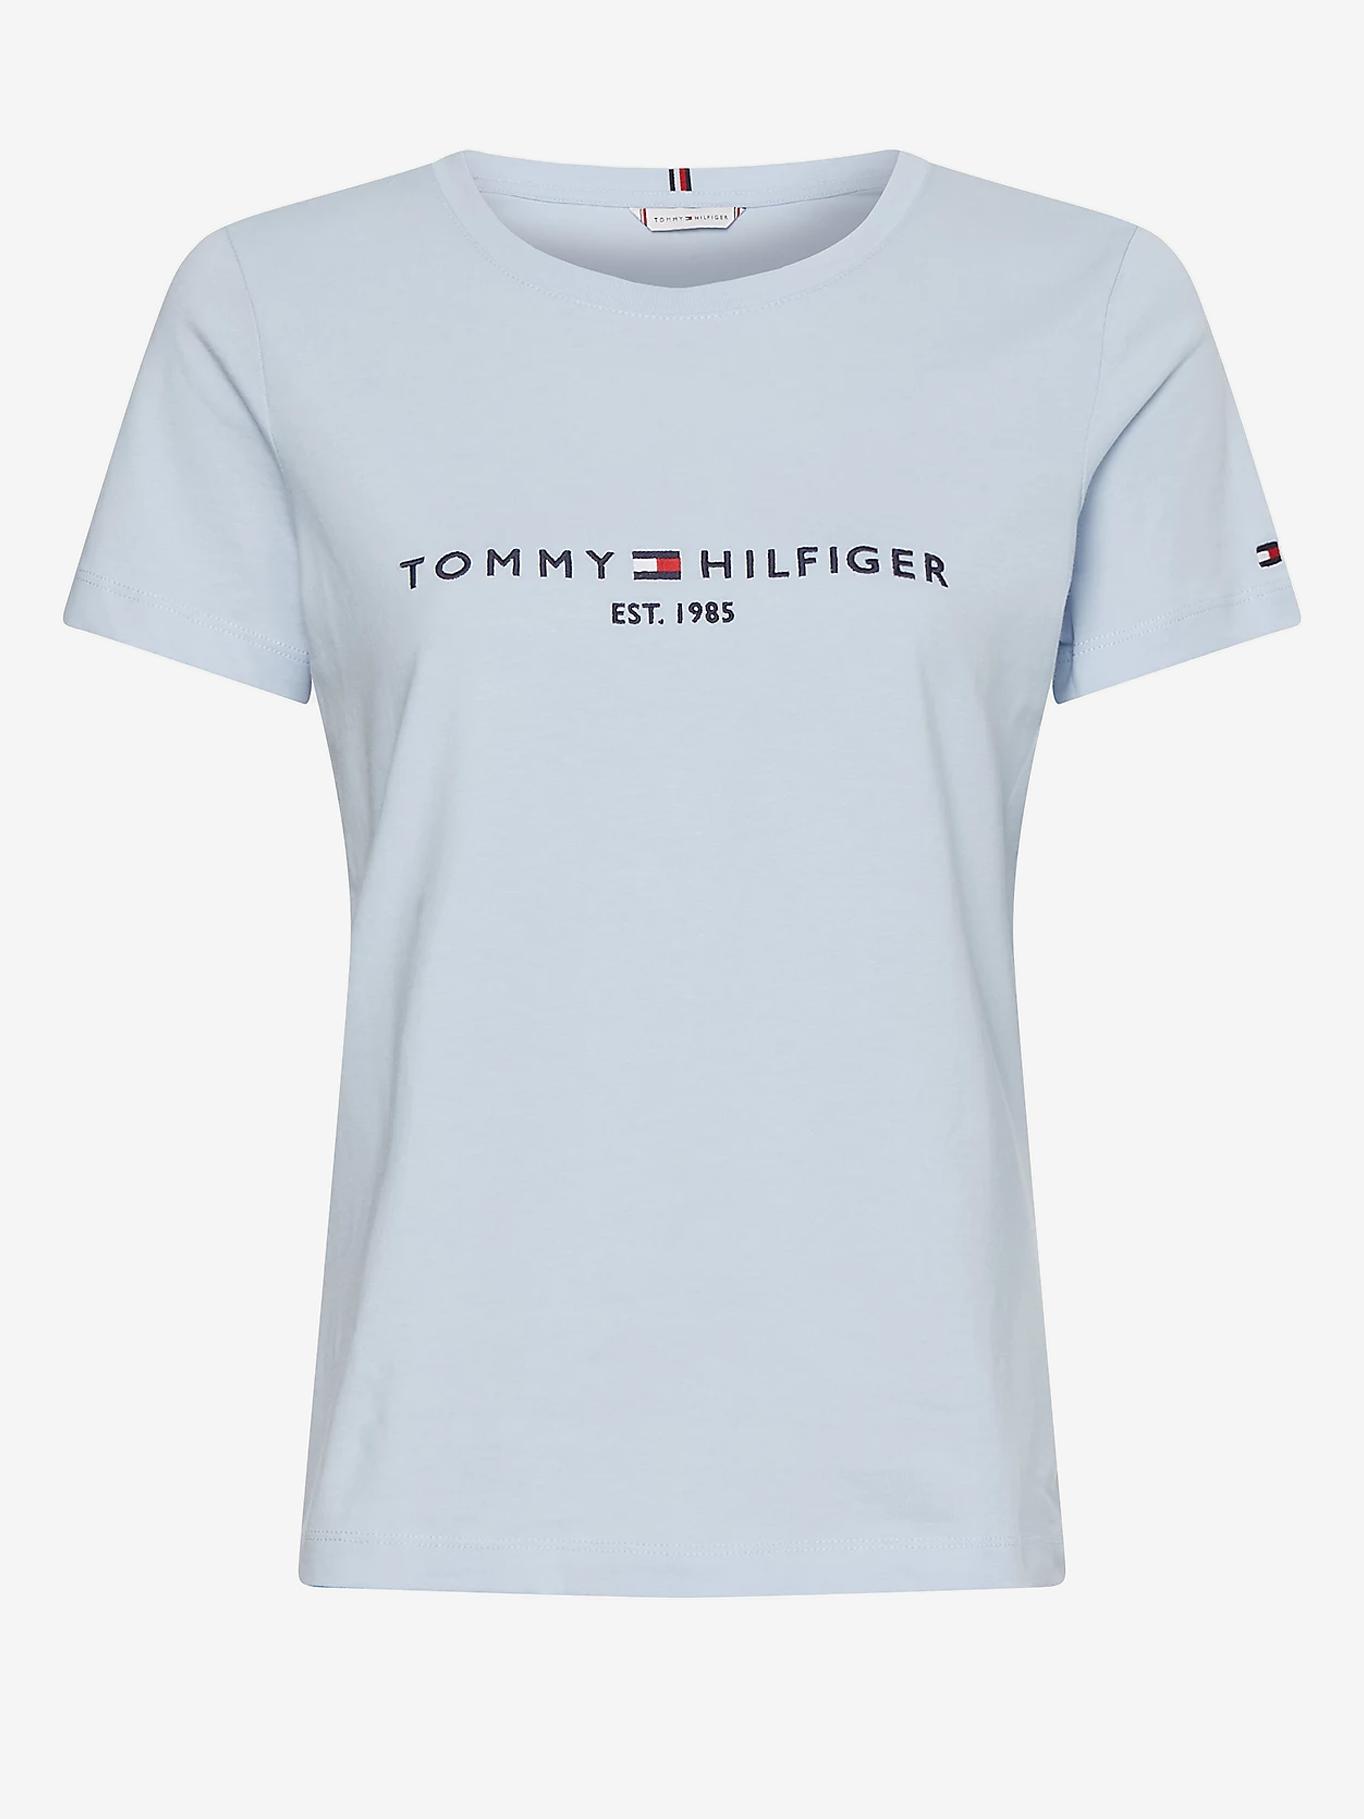 Tommy Hilfiger da donna maglietta Essential